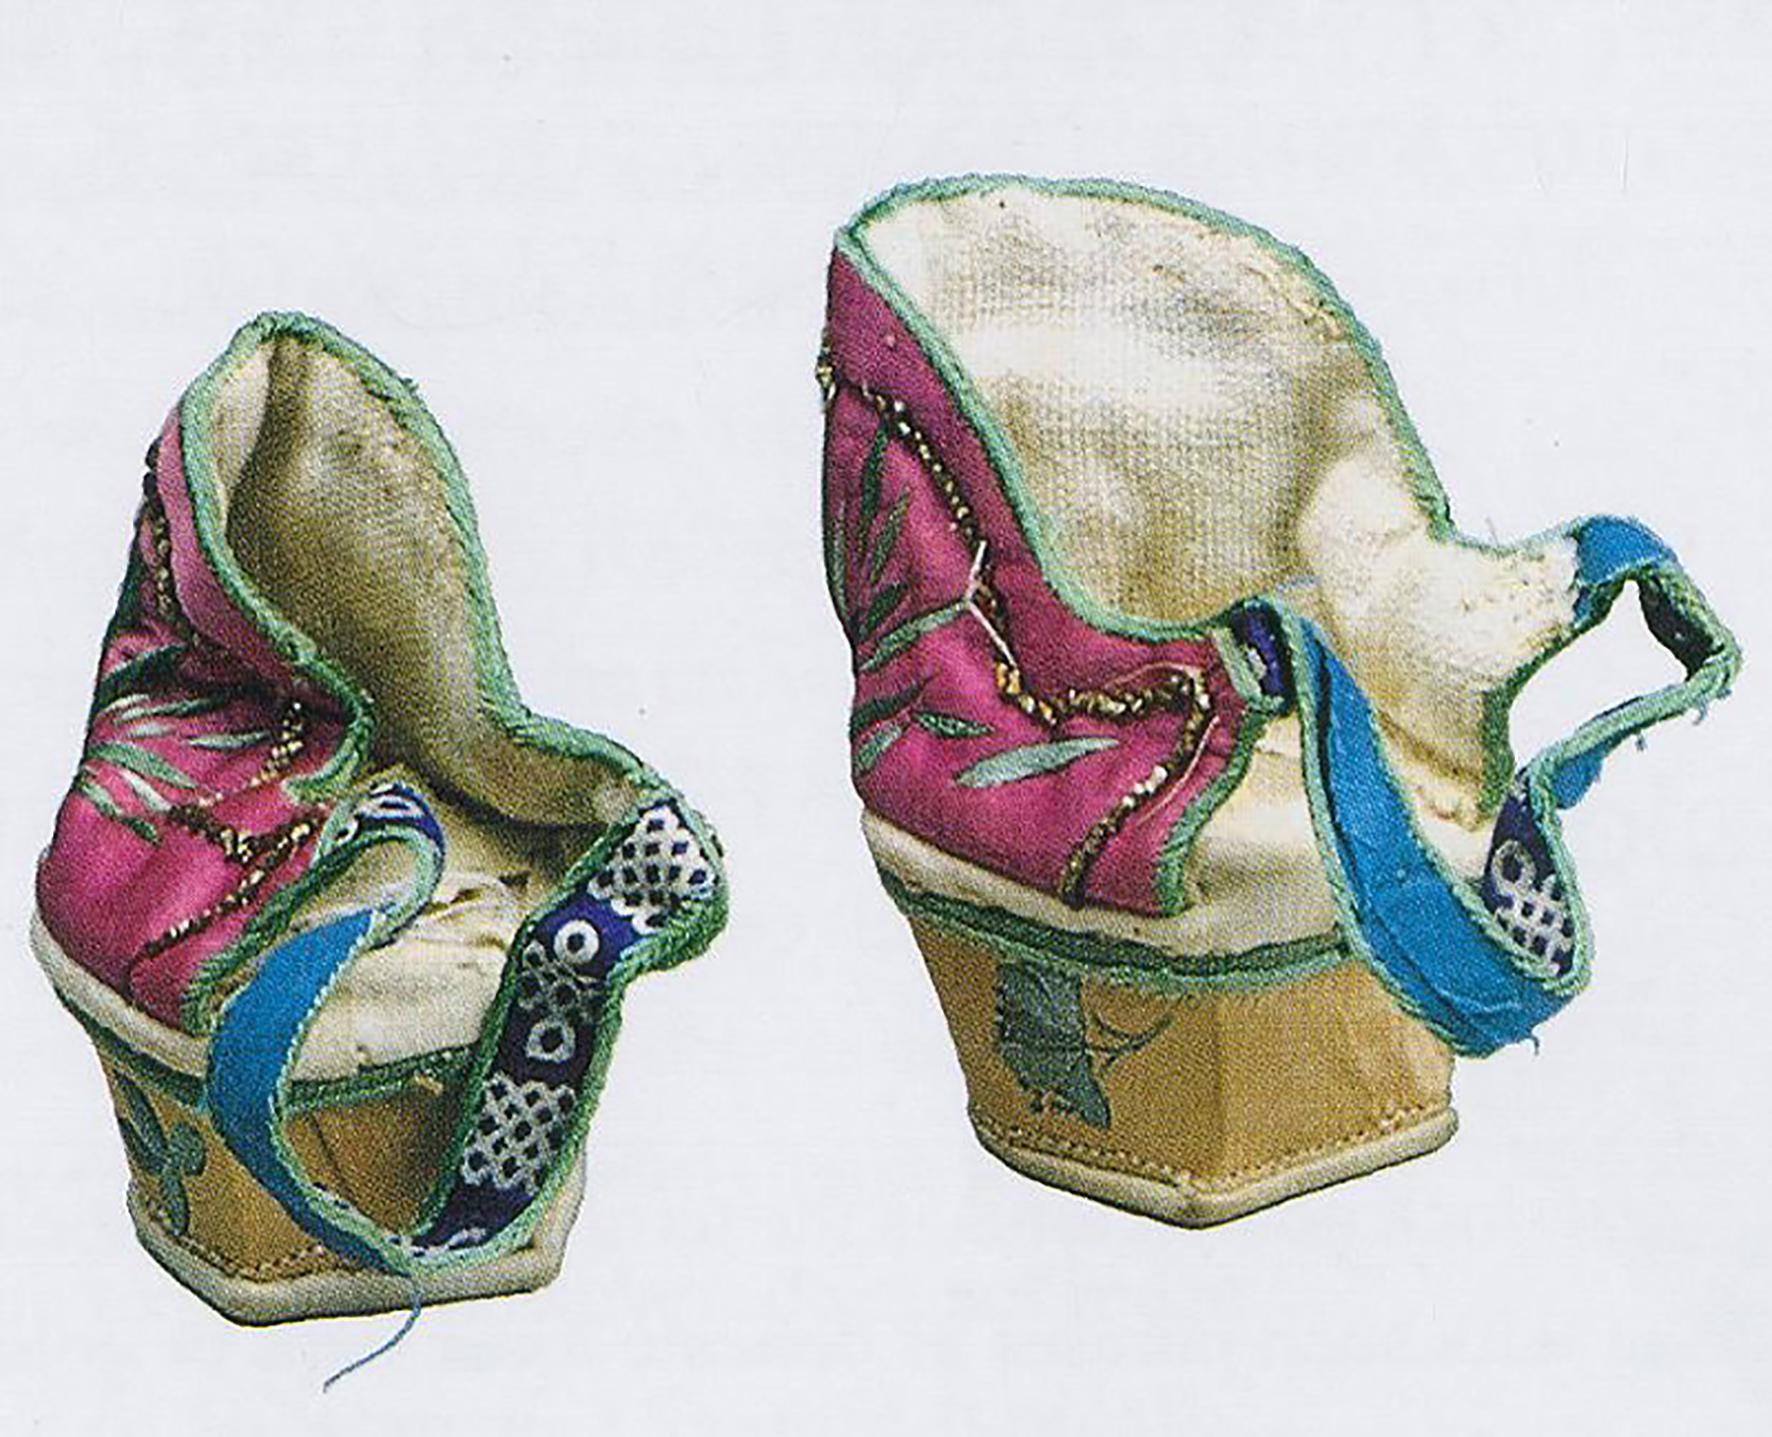 """3 清末粉地花卉纹""""三寸金莲""""高跟,一般见客时套在小脚鞋上,以增加鞋的高度,该类脚跟的使用不太普遍。面料是粉红刺绣花卉纹缎.jpg"""